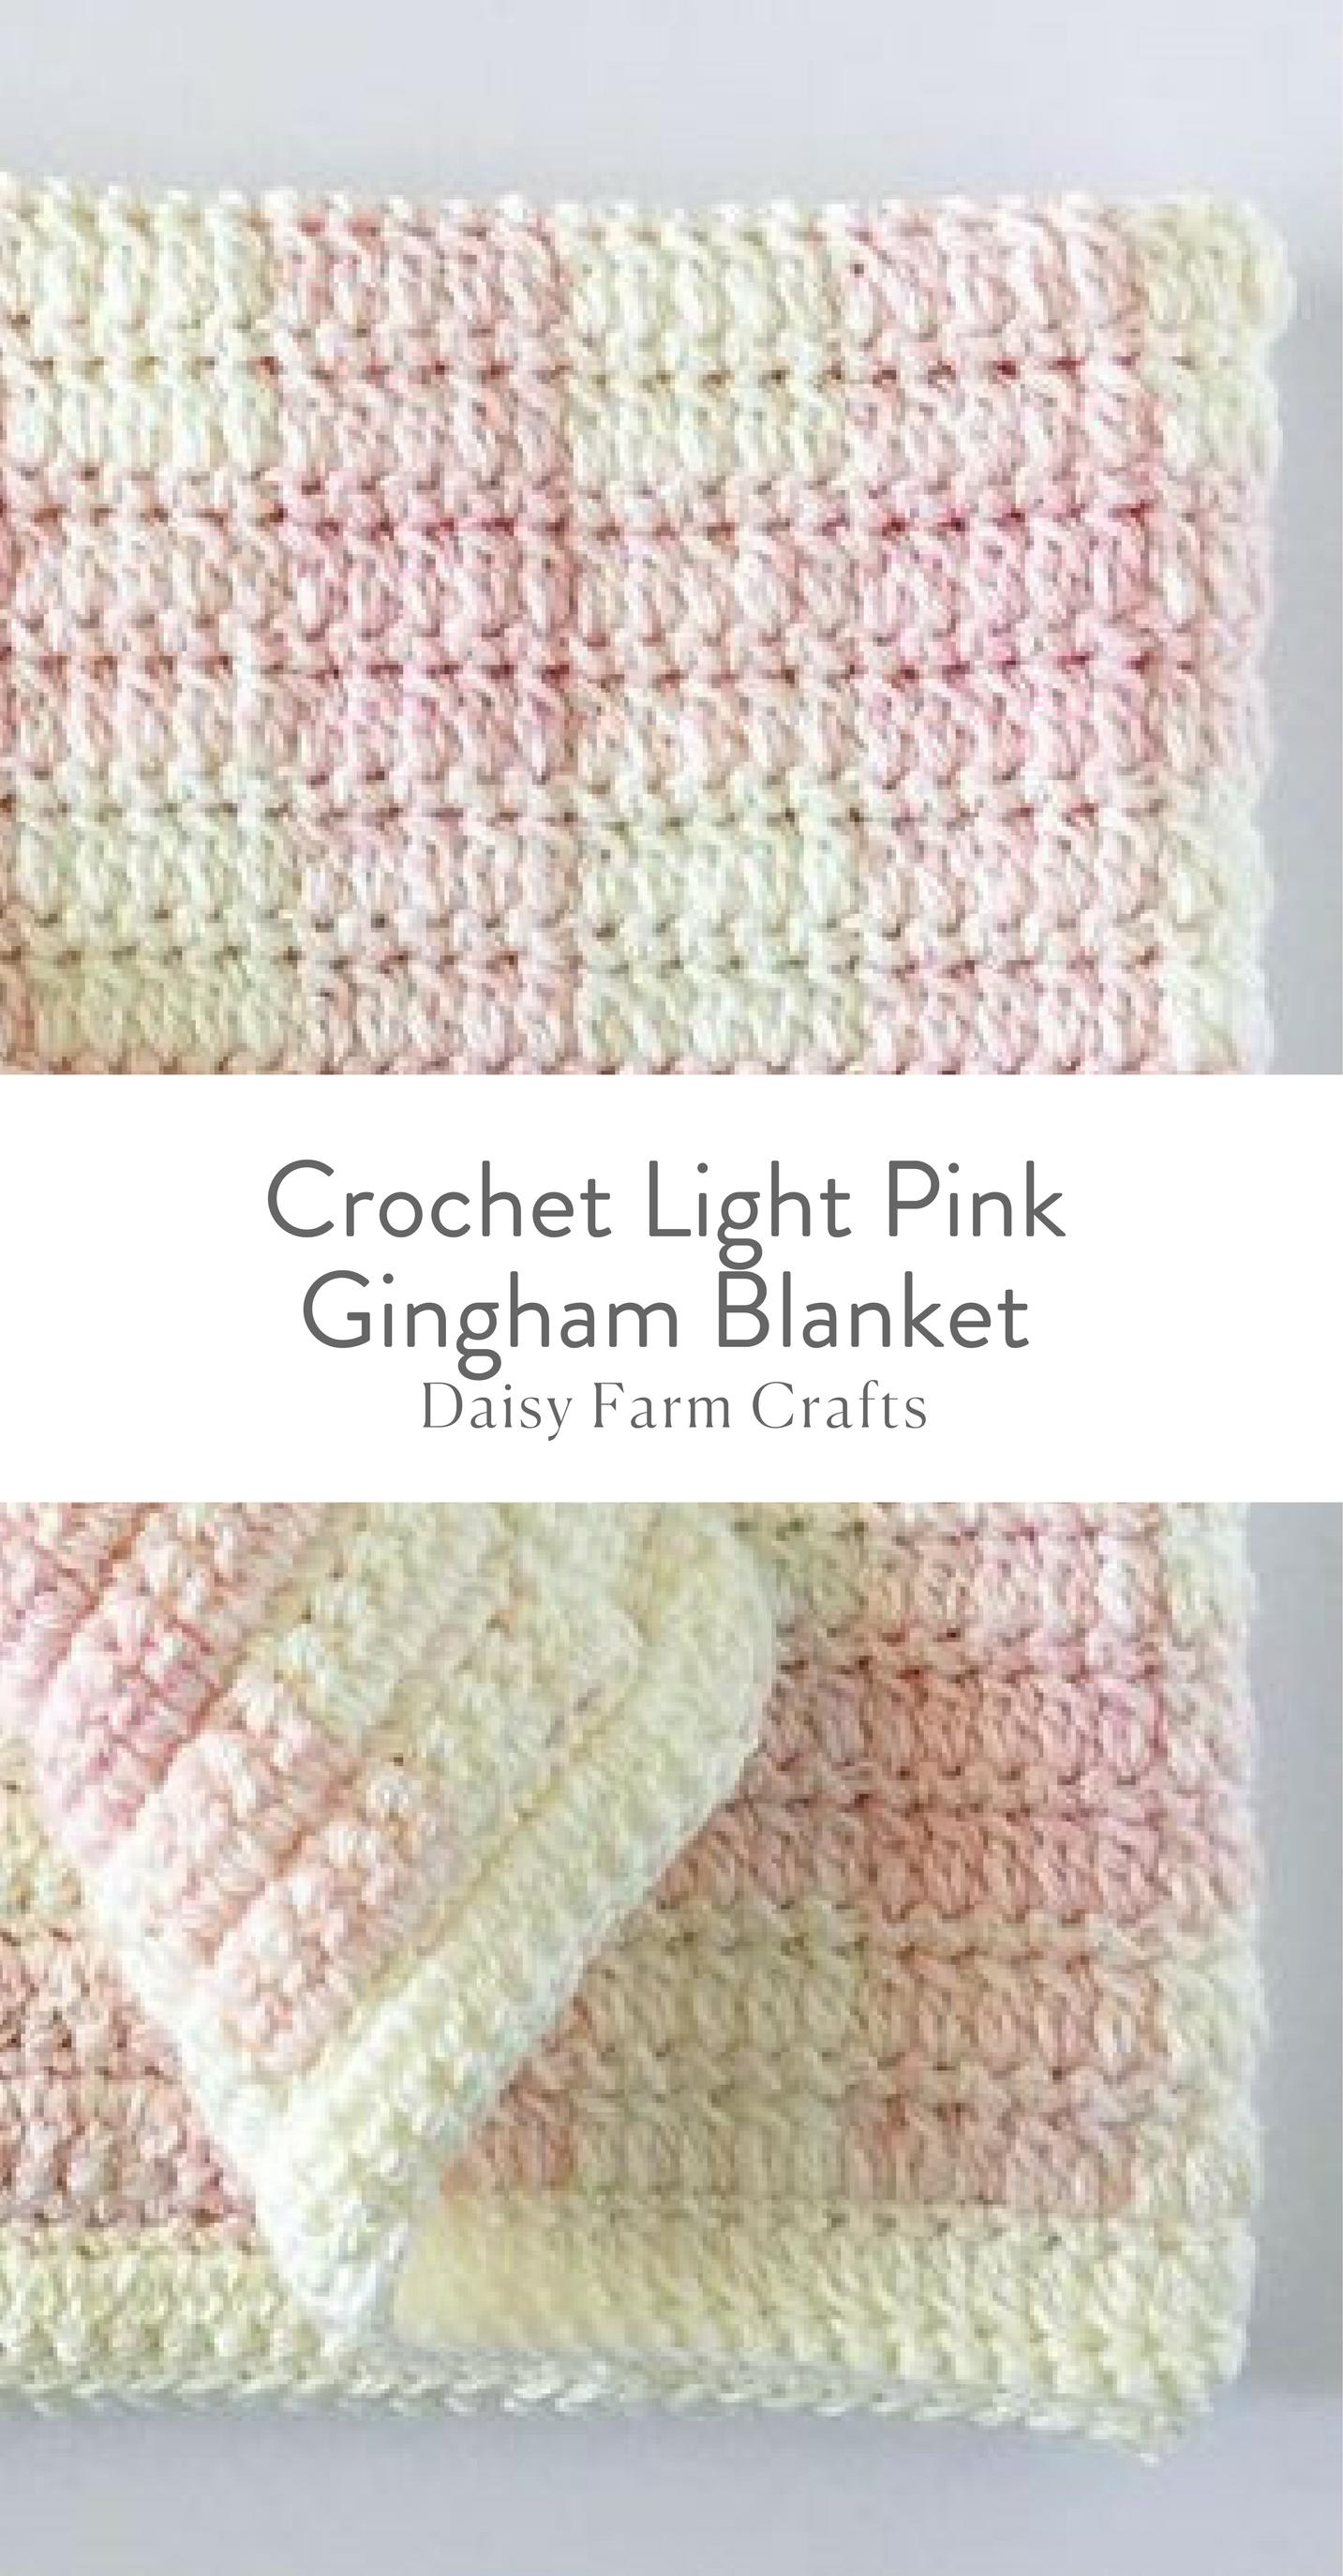 Crochet Light Pink Gingham Blanket - Free Pattern | Crochet ...